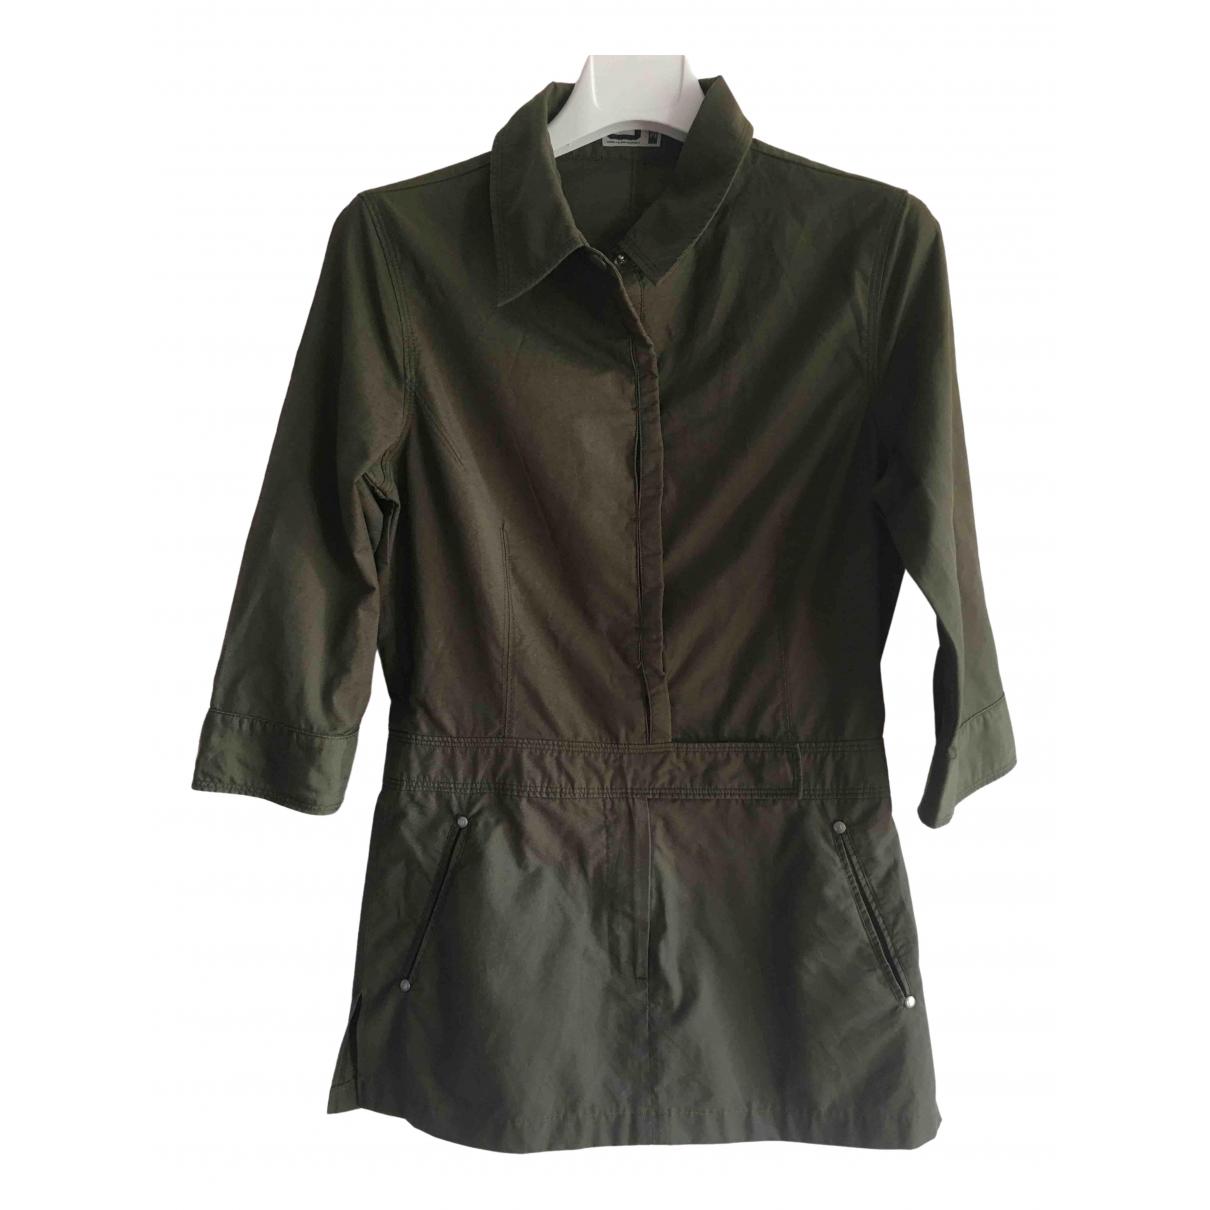 Adolfo Dominguez \N Khaki Cotton - elasthane dress for Women 36 FR